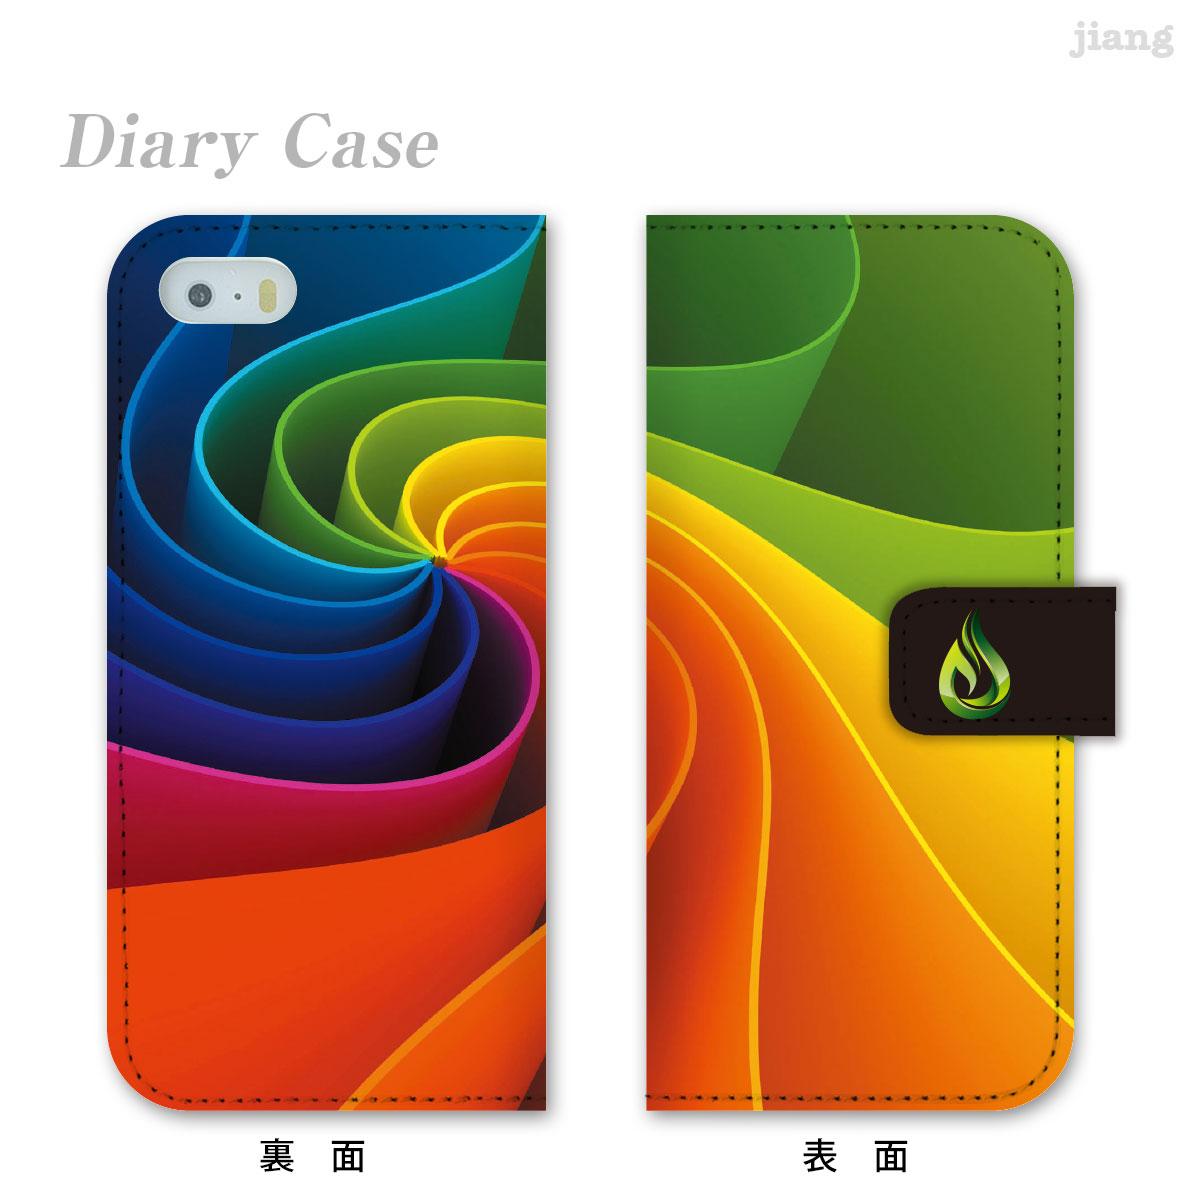 スマホケース 手帳型 全機種対応 手帳 ケース カバー レザー iPhoneXS Max iPhoneXR iPhoneX iPhone8 iPhone7 iPhone Xperia 1 SO-03L SOV40 Ase XZ3 SO-01L XZ2 SO-05K XZ1 XZ aquos R3 sh-04l shv44 R2 sh-04k sense2 galaxy S10 S9 S8 カラーマテリアル 01-ip5-ds2378